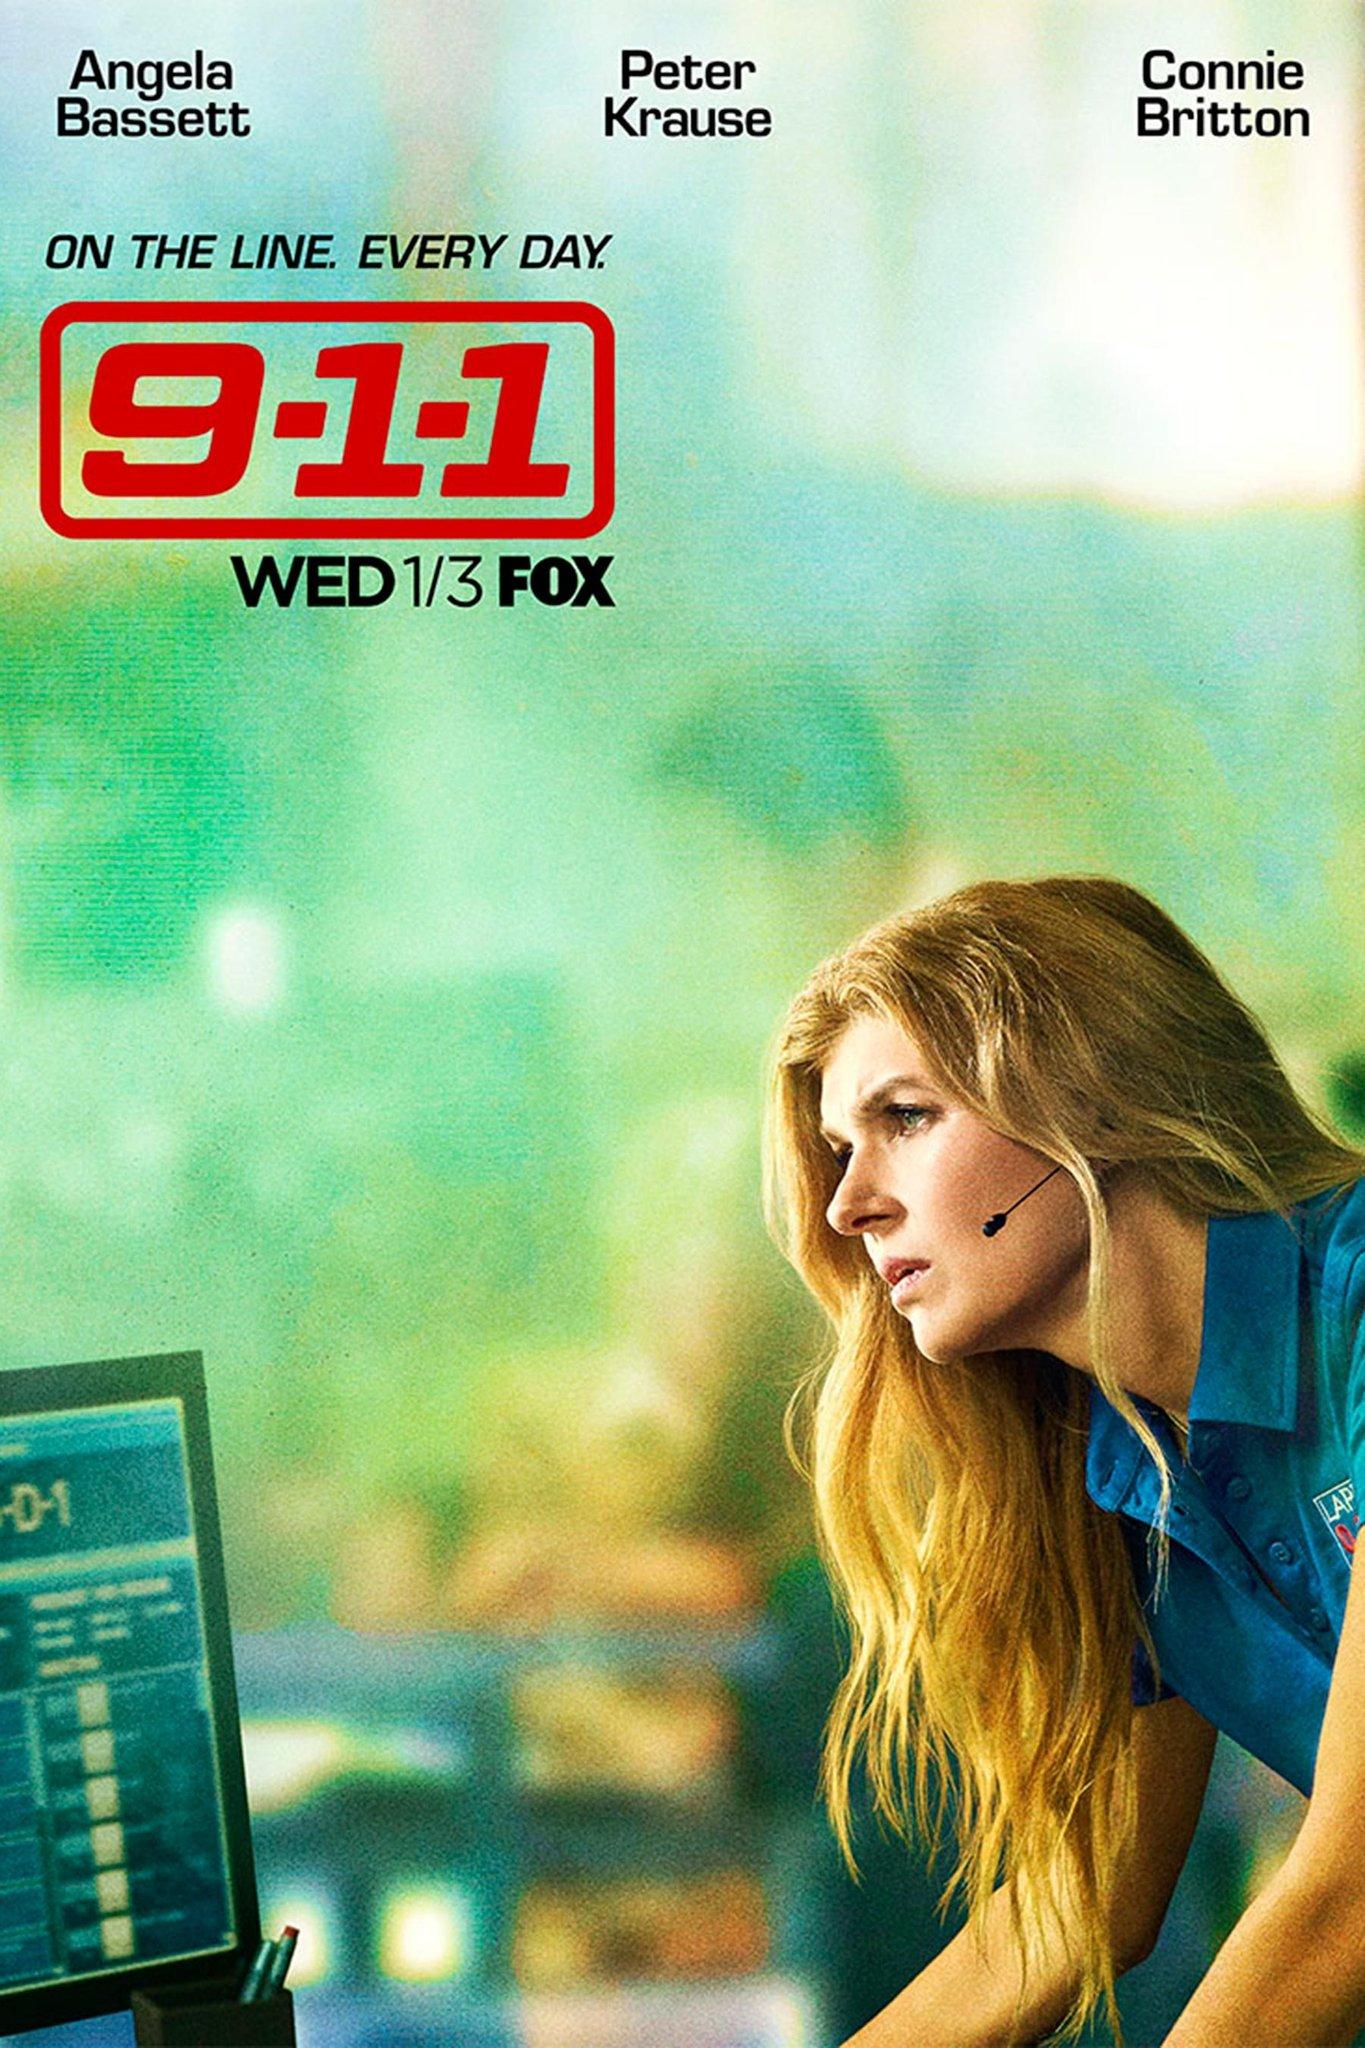 9-1-1  S01E02 HD 720p – 480p [English]